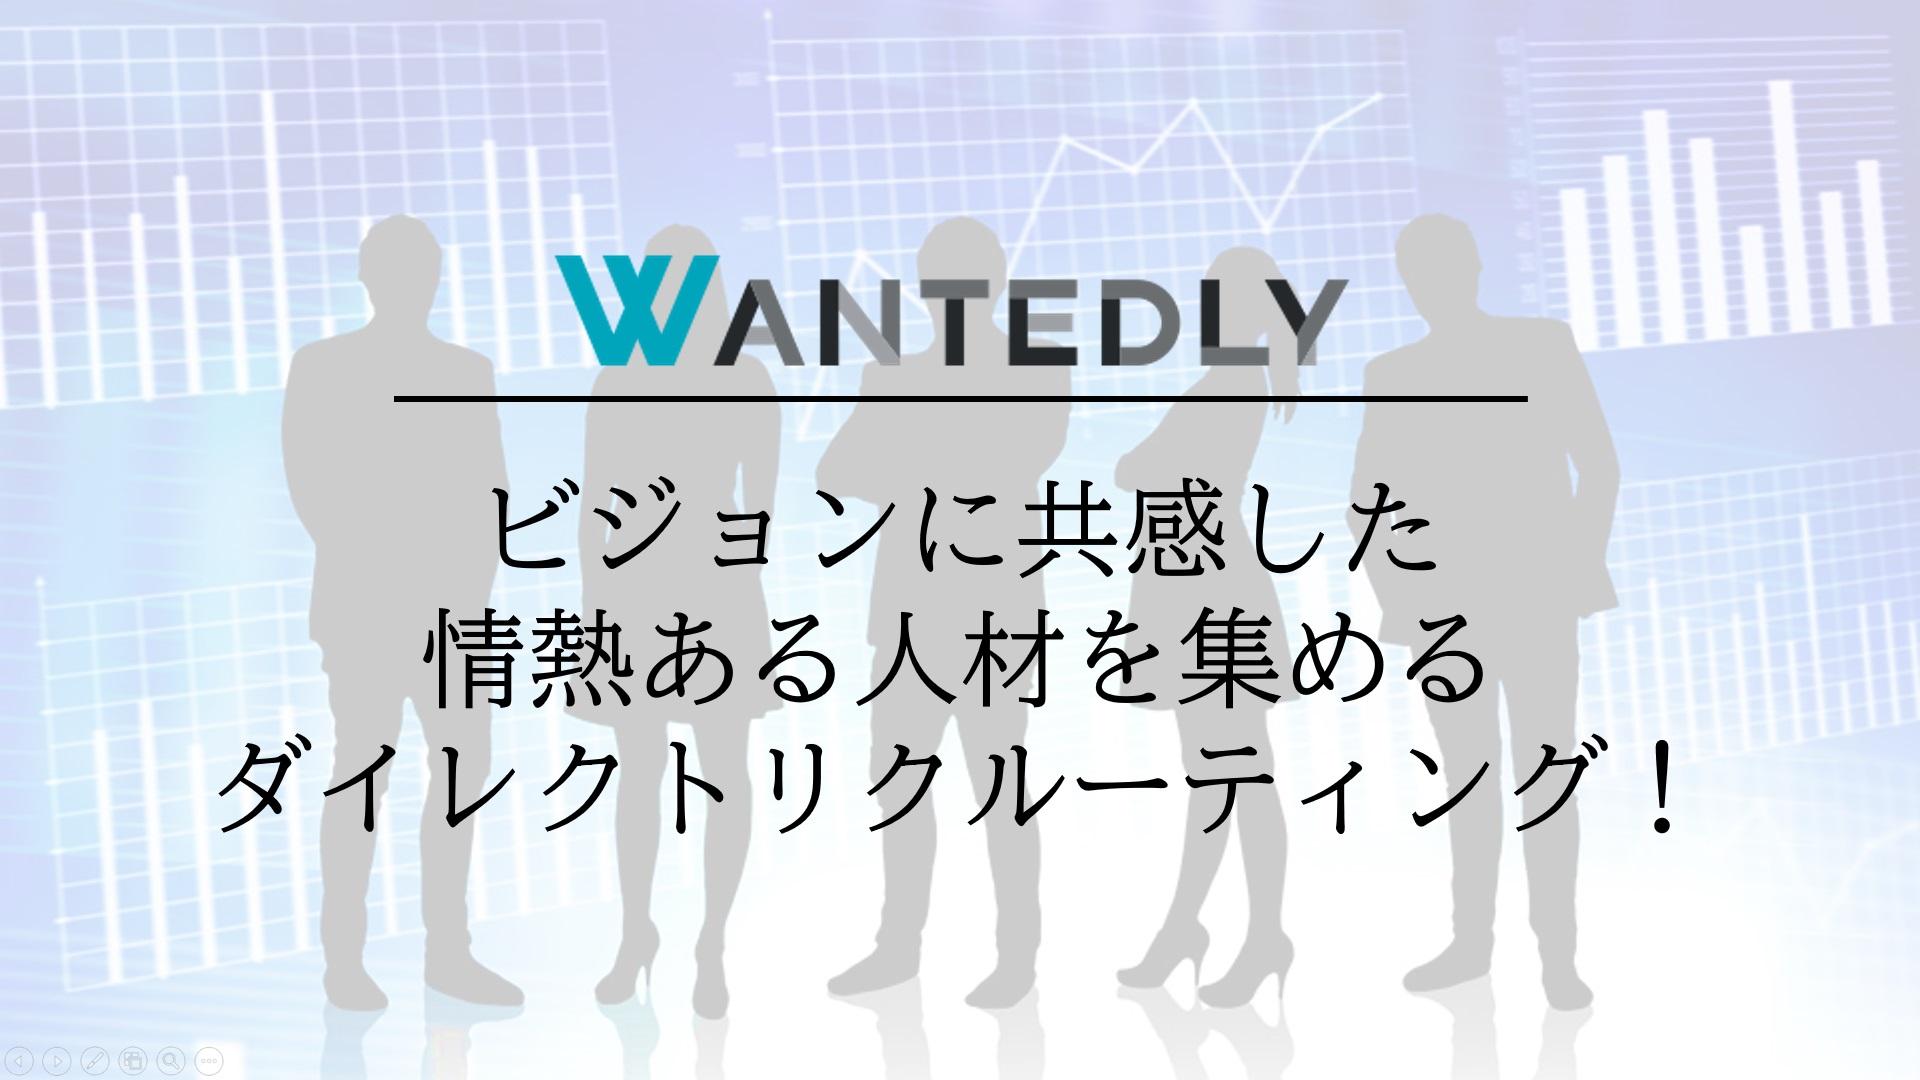 『Wantedly』ビジョン・ミッションドリブンの採用ツール!